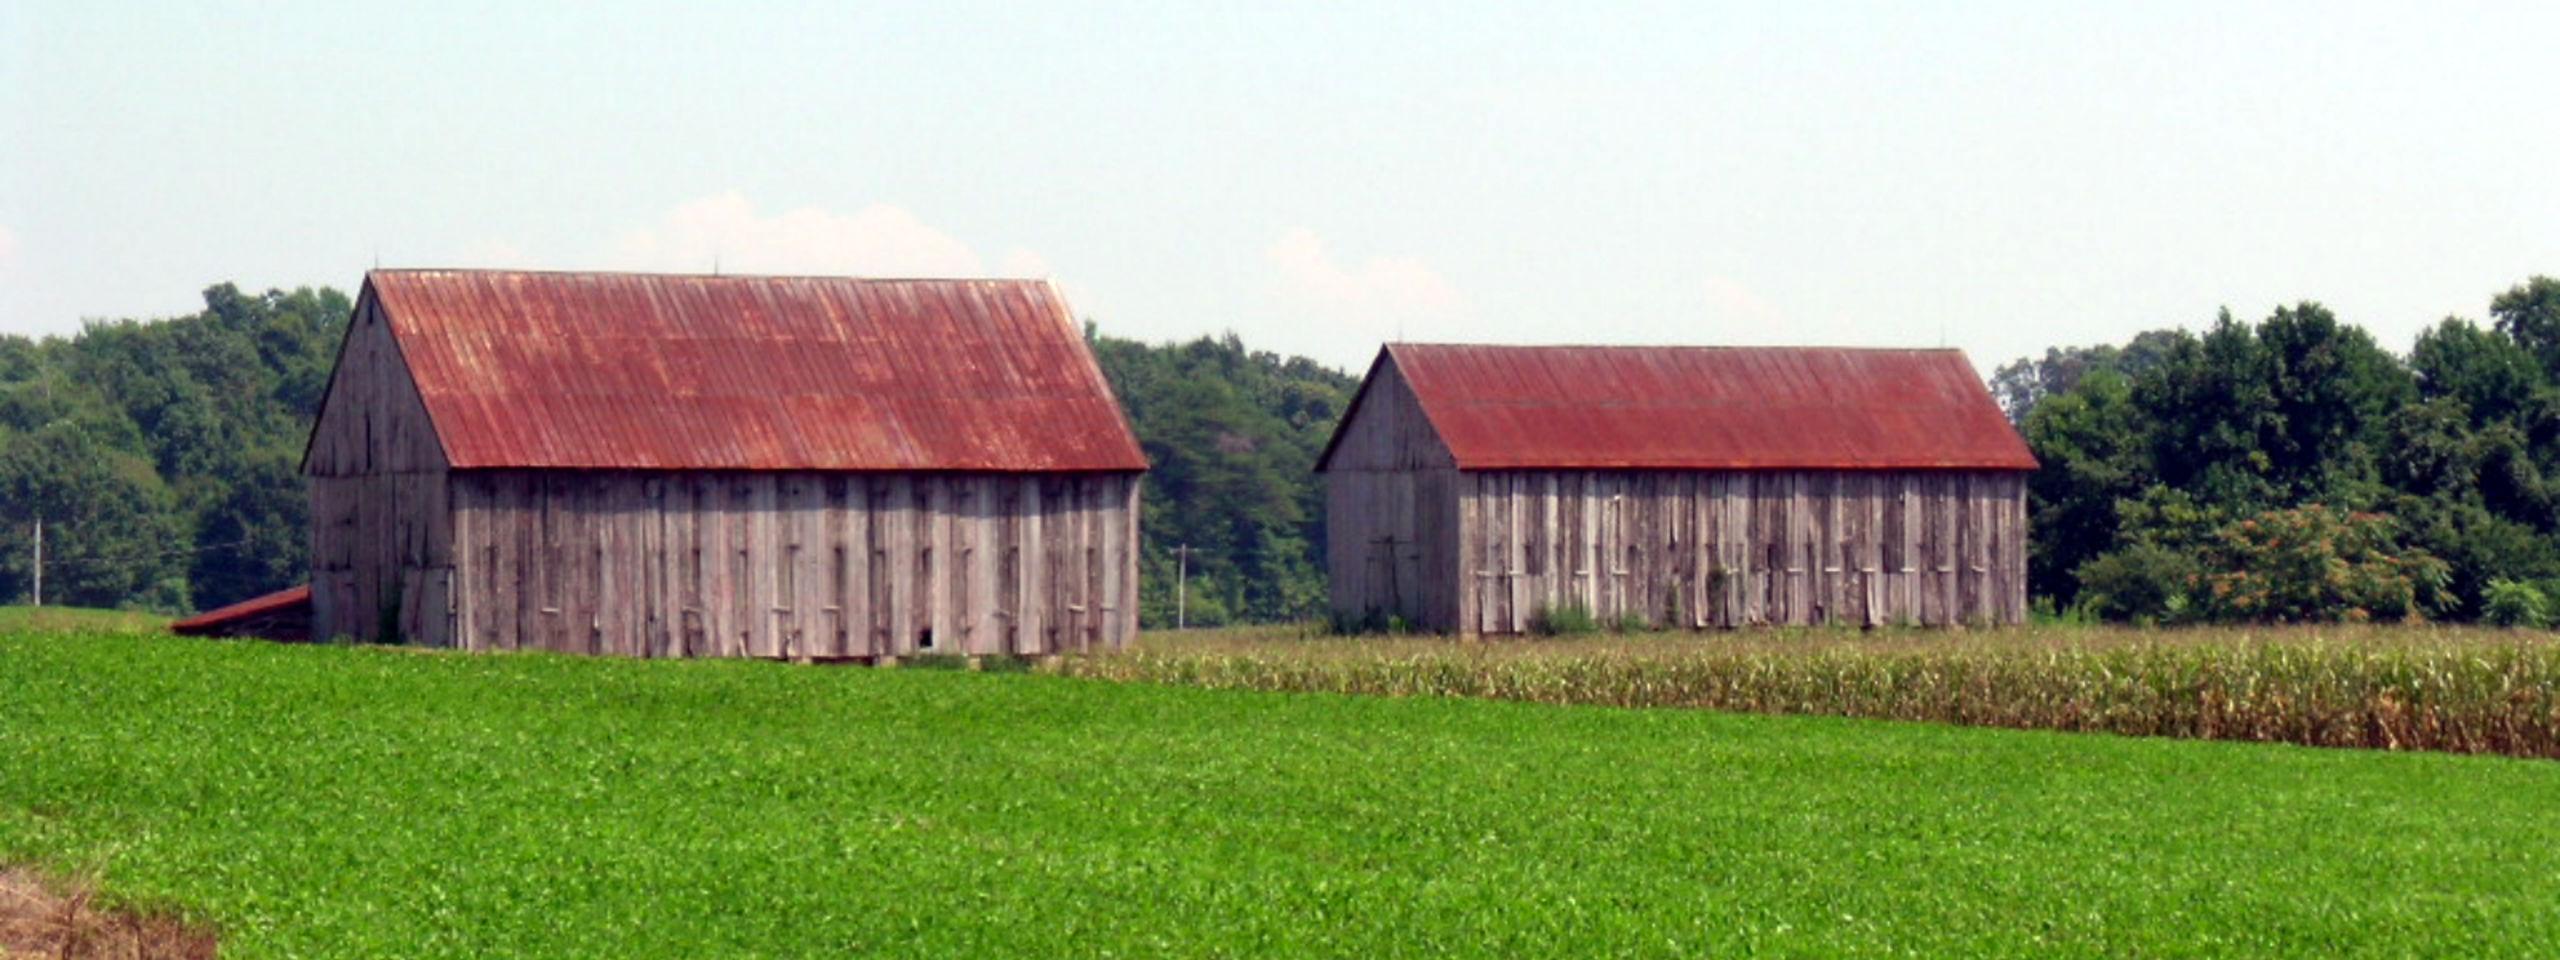 County-Calvert - Pax Real Estate